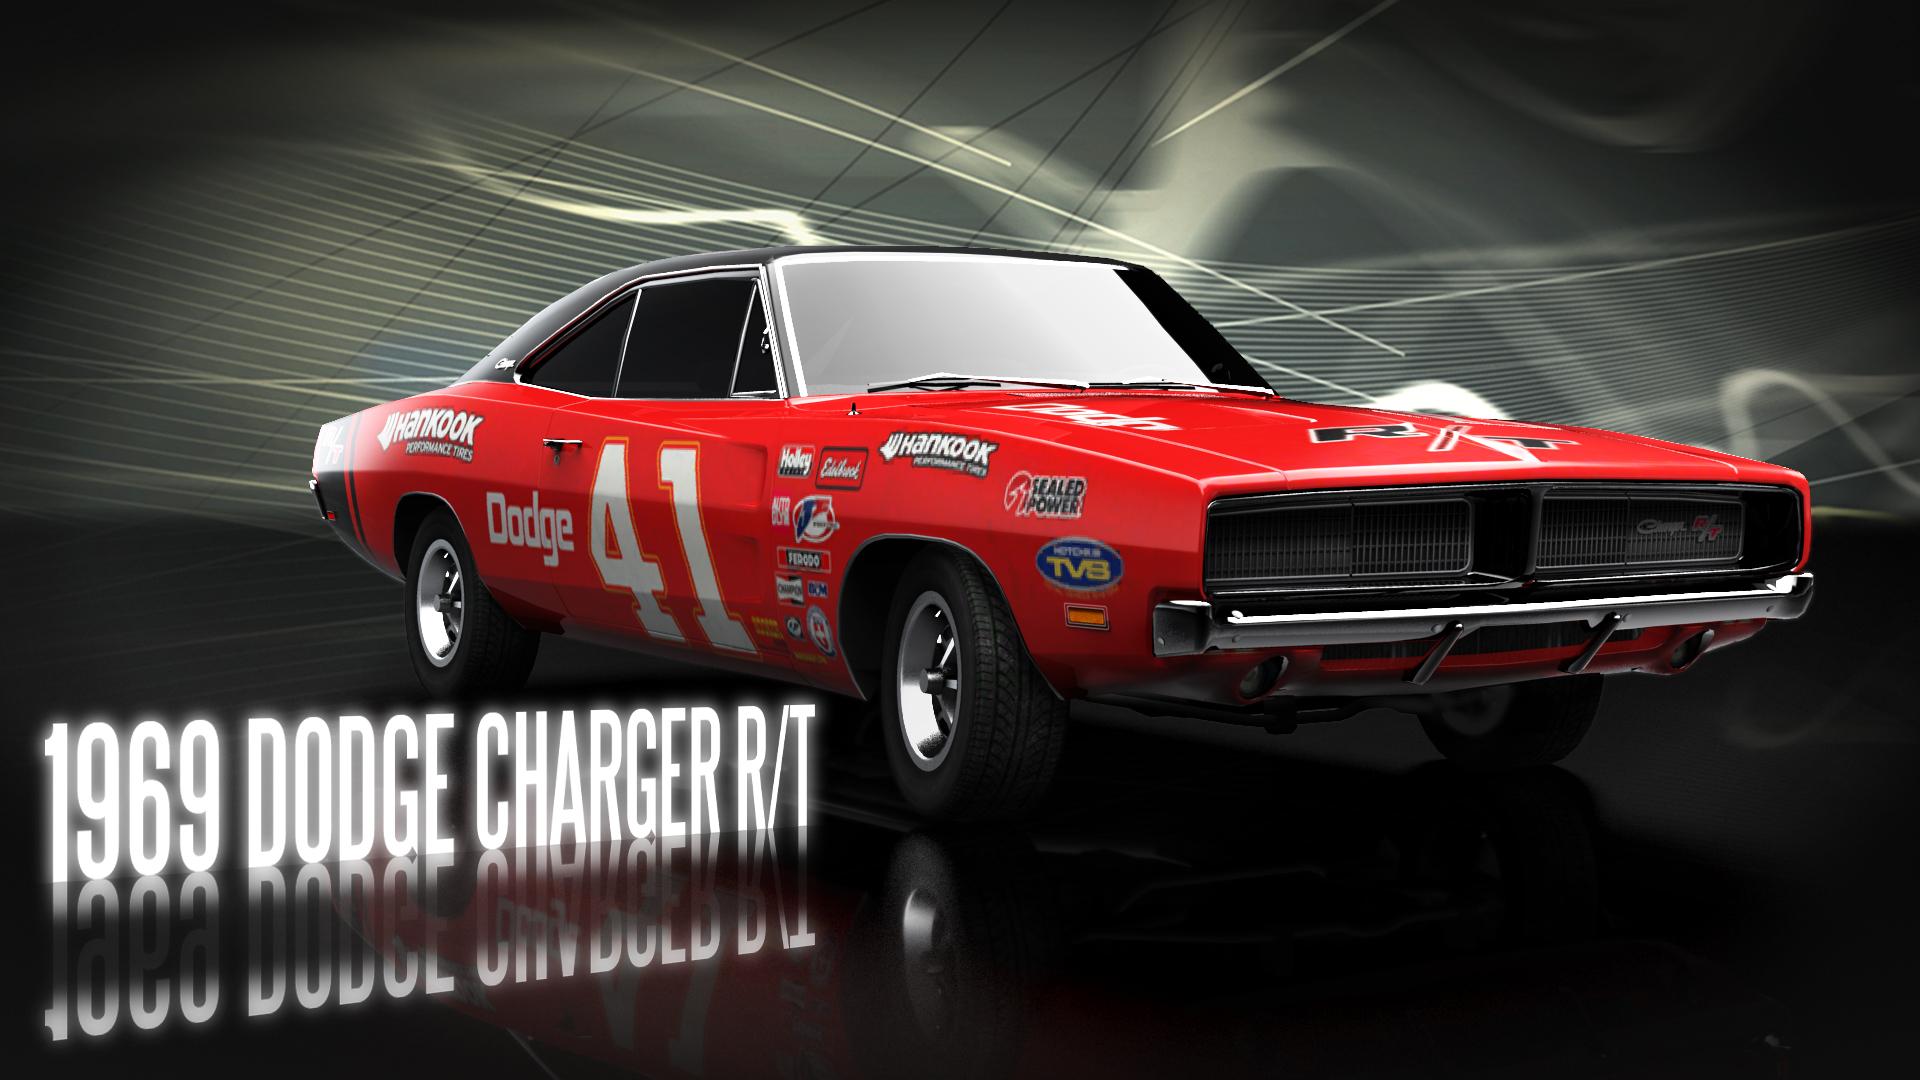 Dodge charger обои на рабочий стол 2